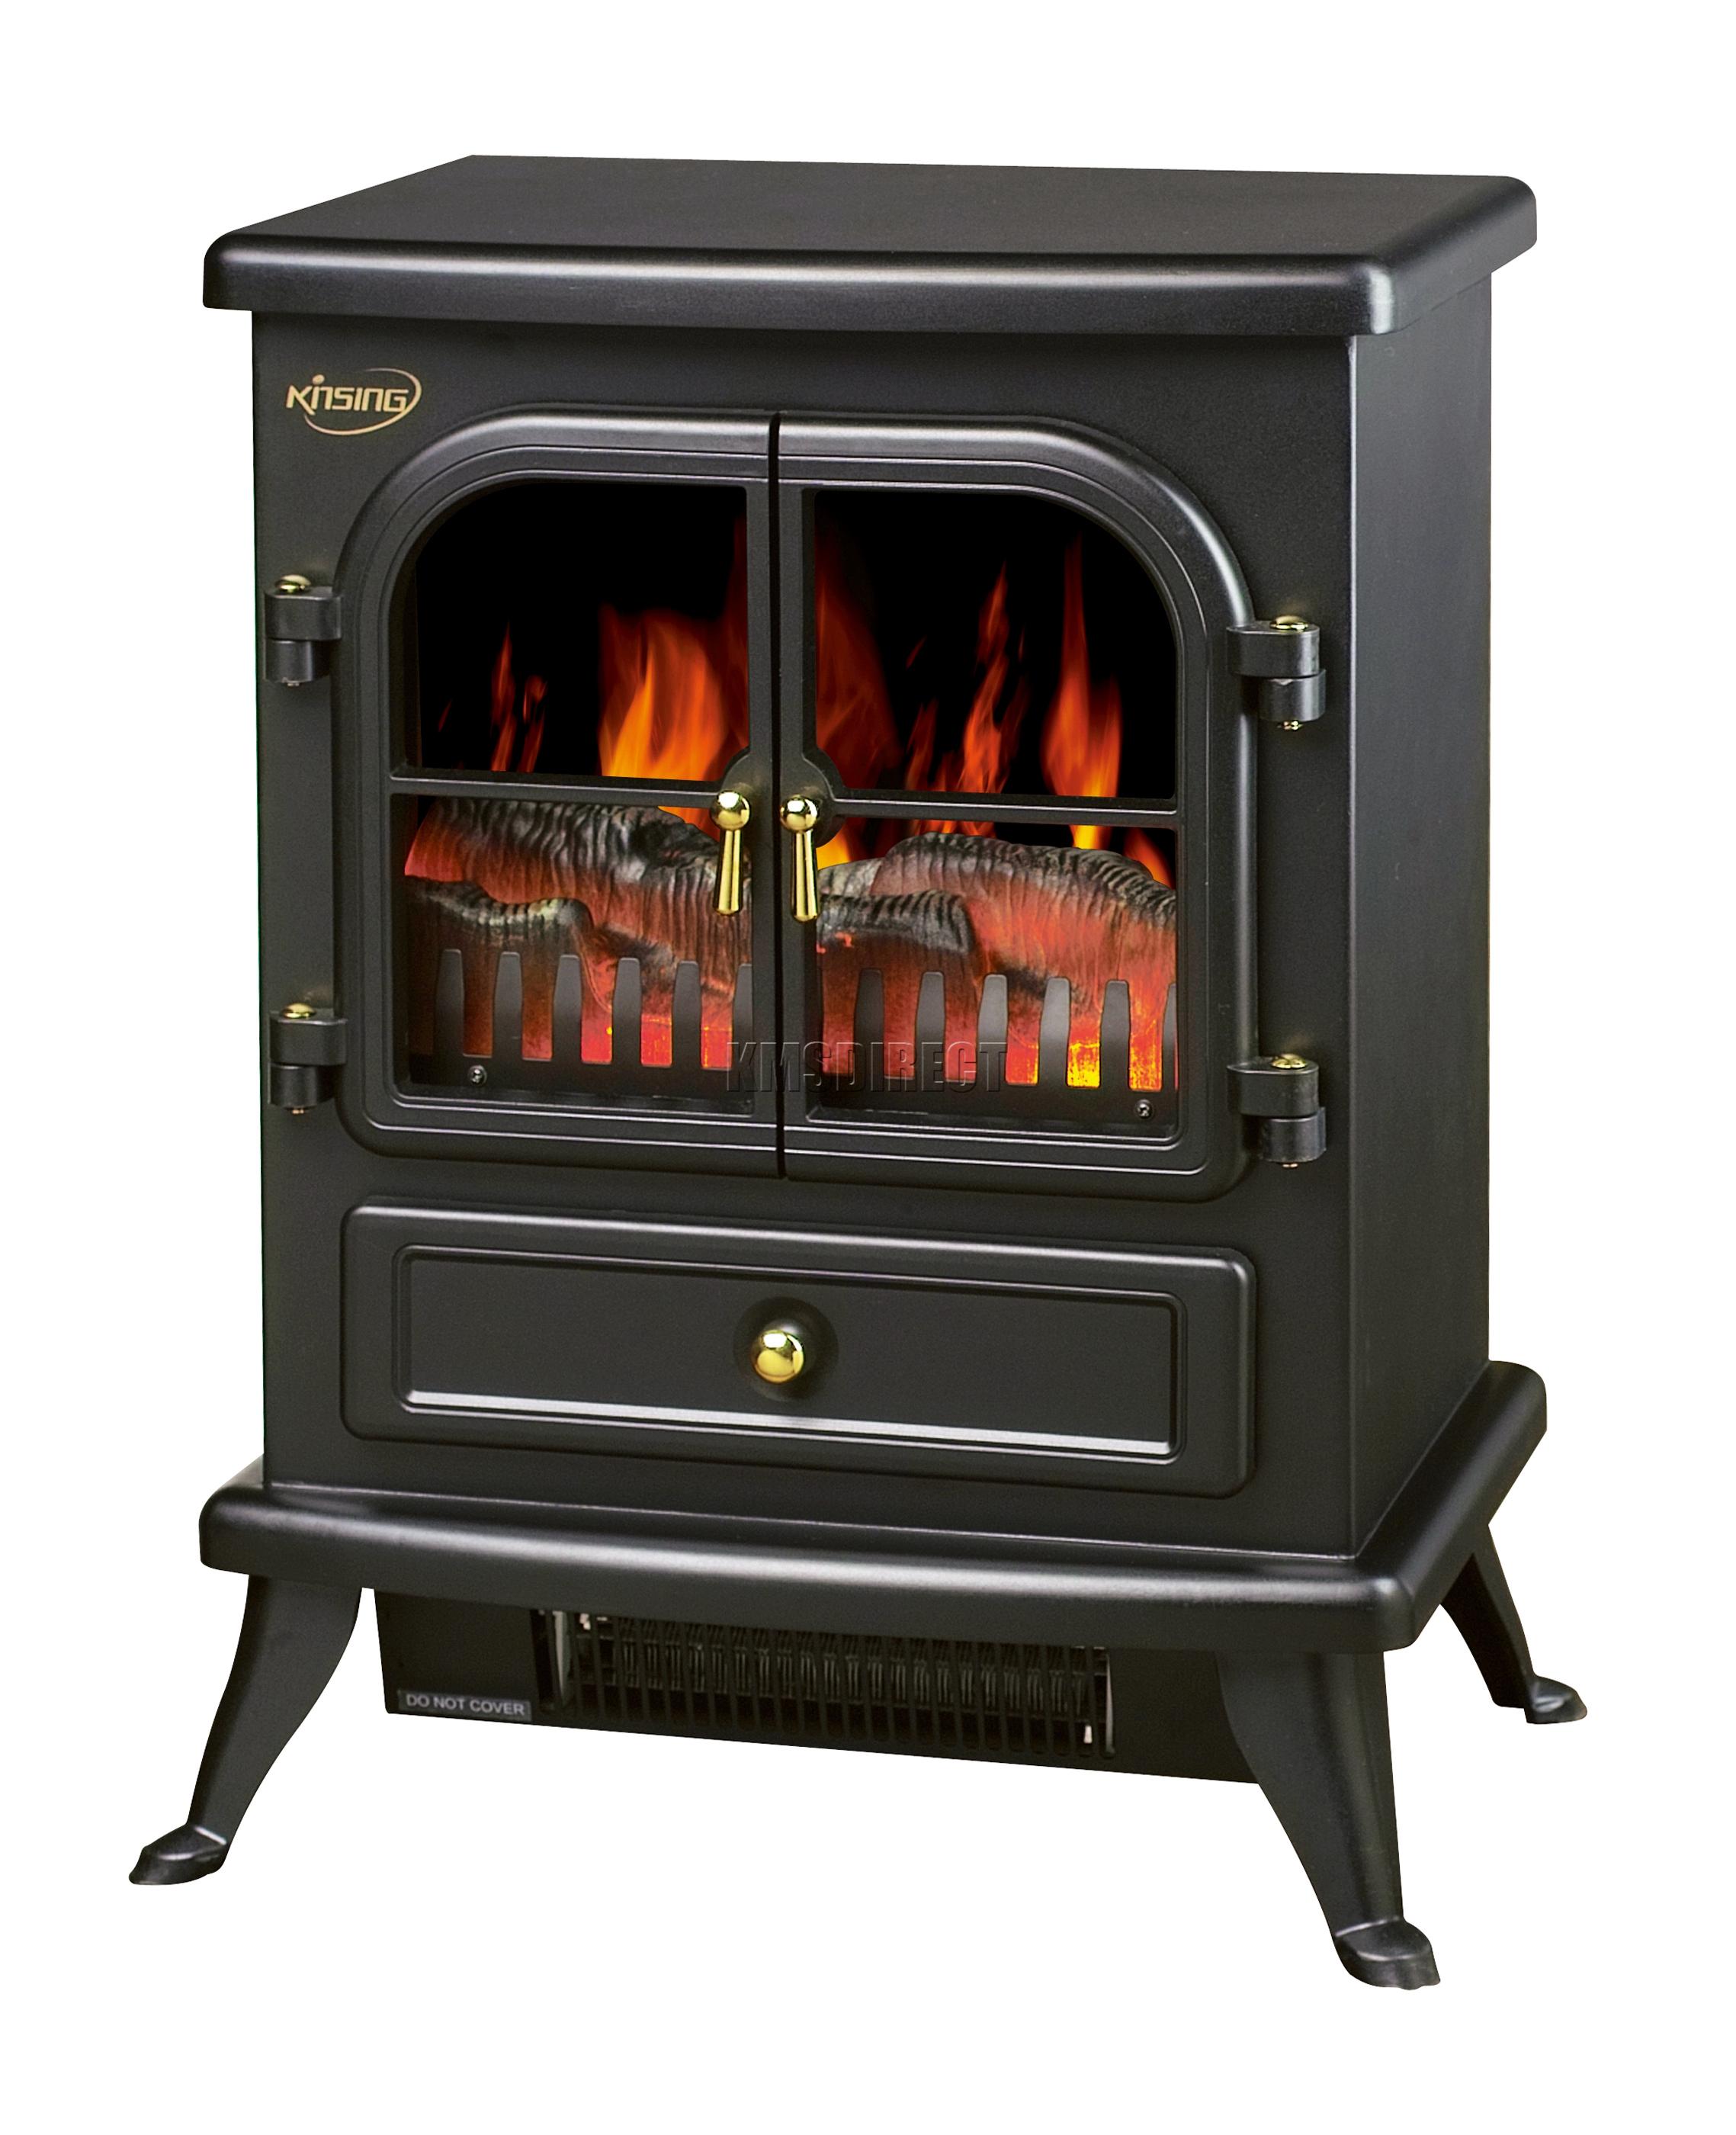 b che br lant flamme effet 1850w feu lectrique radiateur. Black Bedroom Furniture Sets. Home Design Ideas